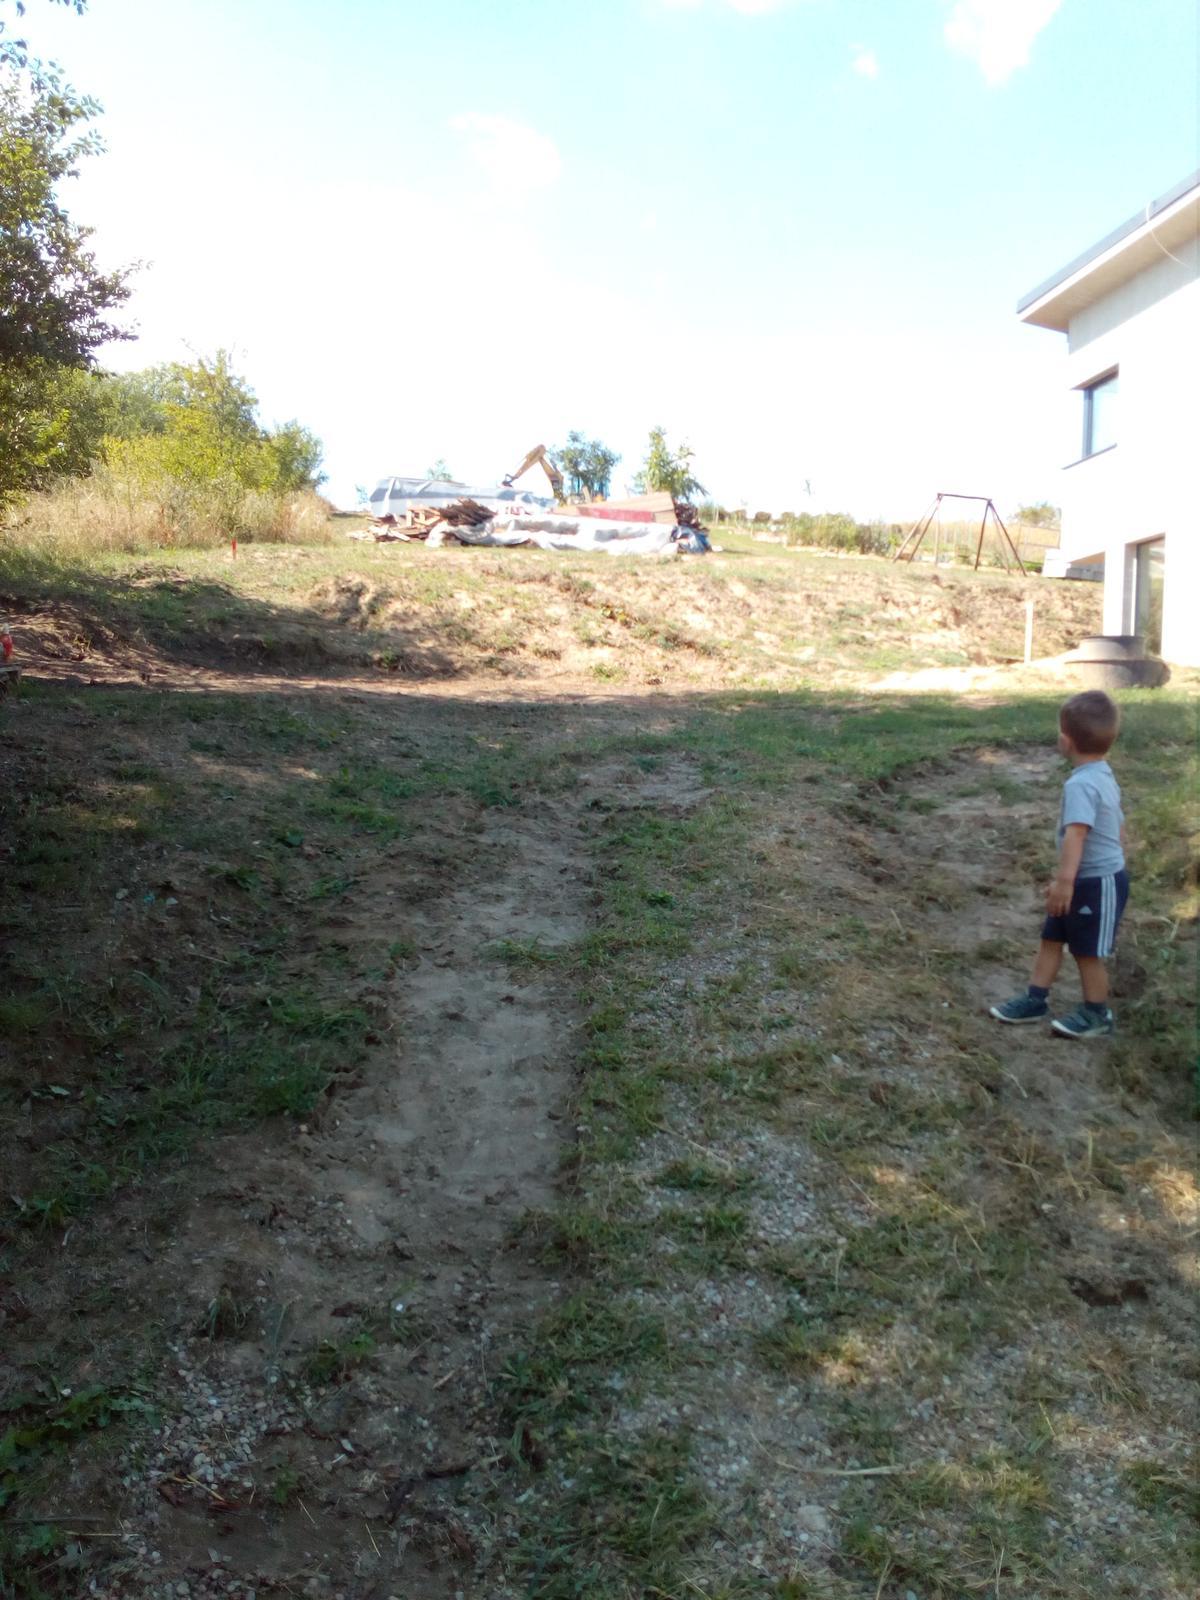 Okolie domu, záhrada - 8.2017 - Báger robí úpravy terénu - posledný pohľad pred úpravou